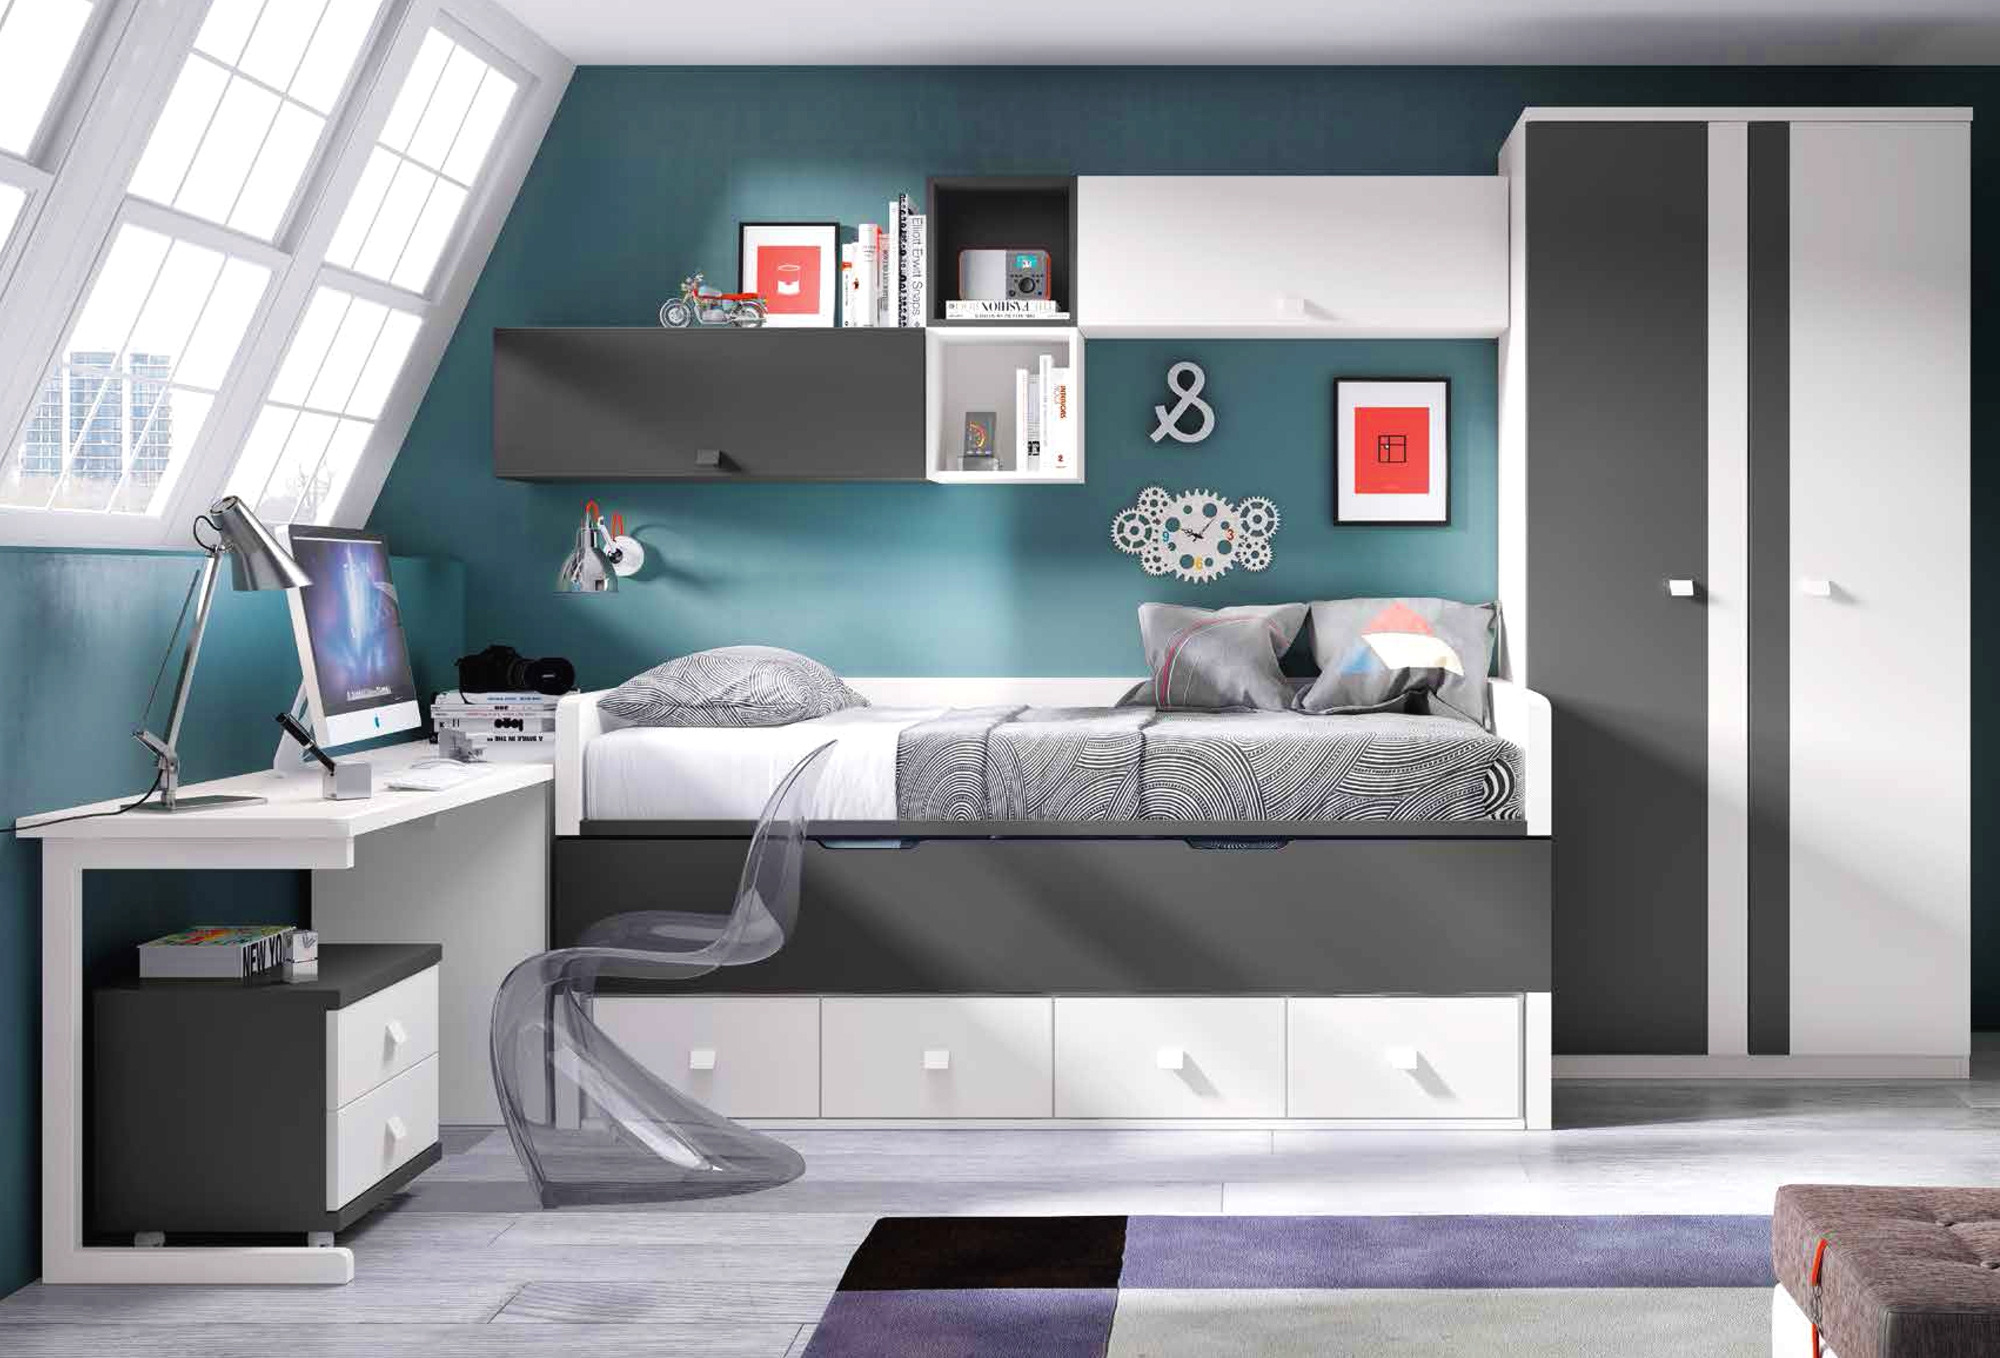 Salle De Bain Ado Garcon Beau Image Meuble Entrée Design Inspirant Chambre Ado Garcon